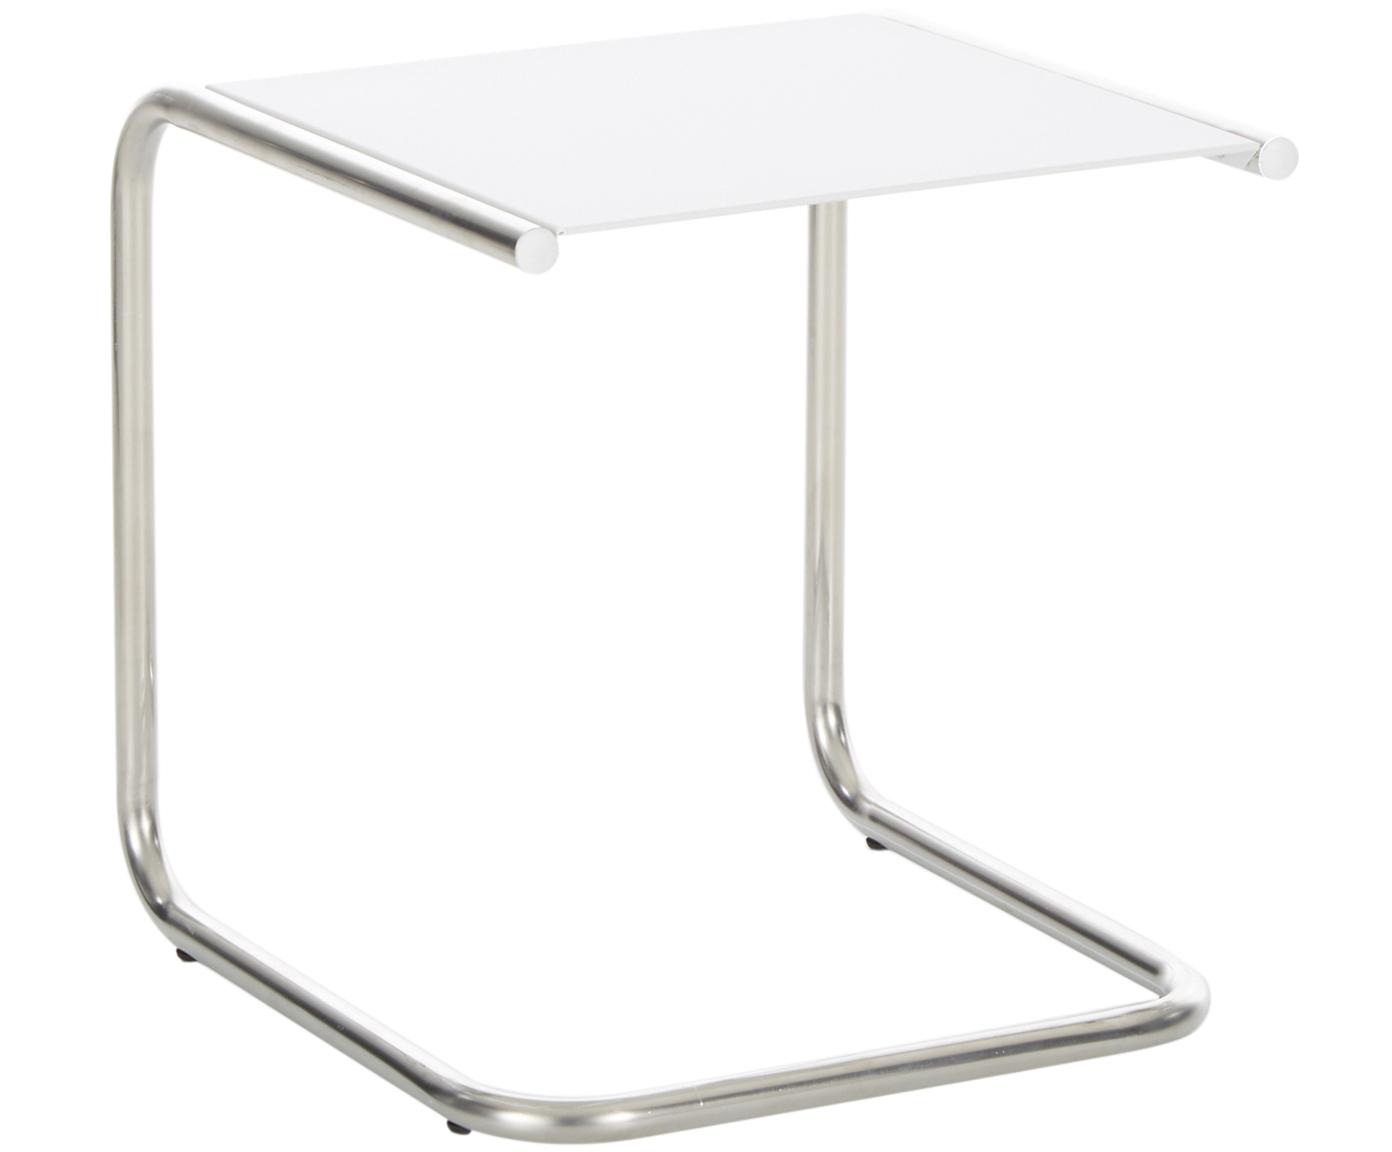 Garten-Beistelltisch Club aus Metall, Tischplatte: Metall, pulverbeschichtet, Gestell: Aluminium, poliert, Weiß, Aluminium, B 40 x T 40 cm